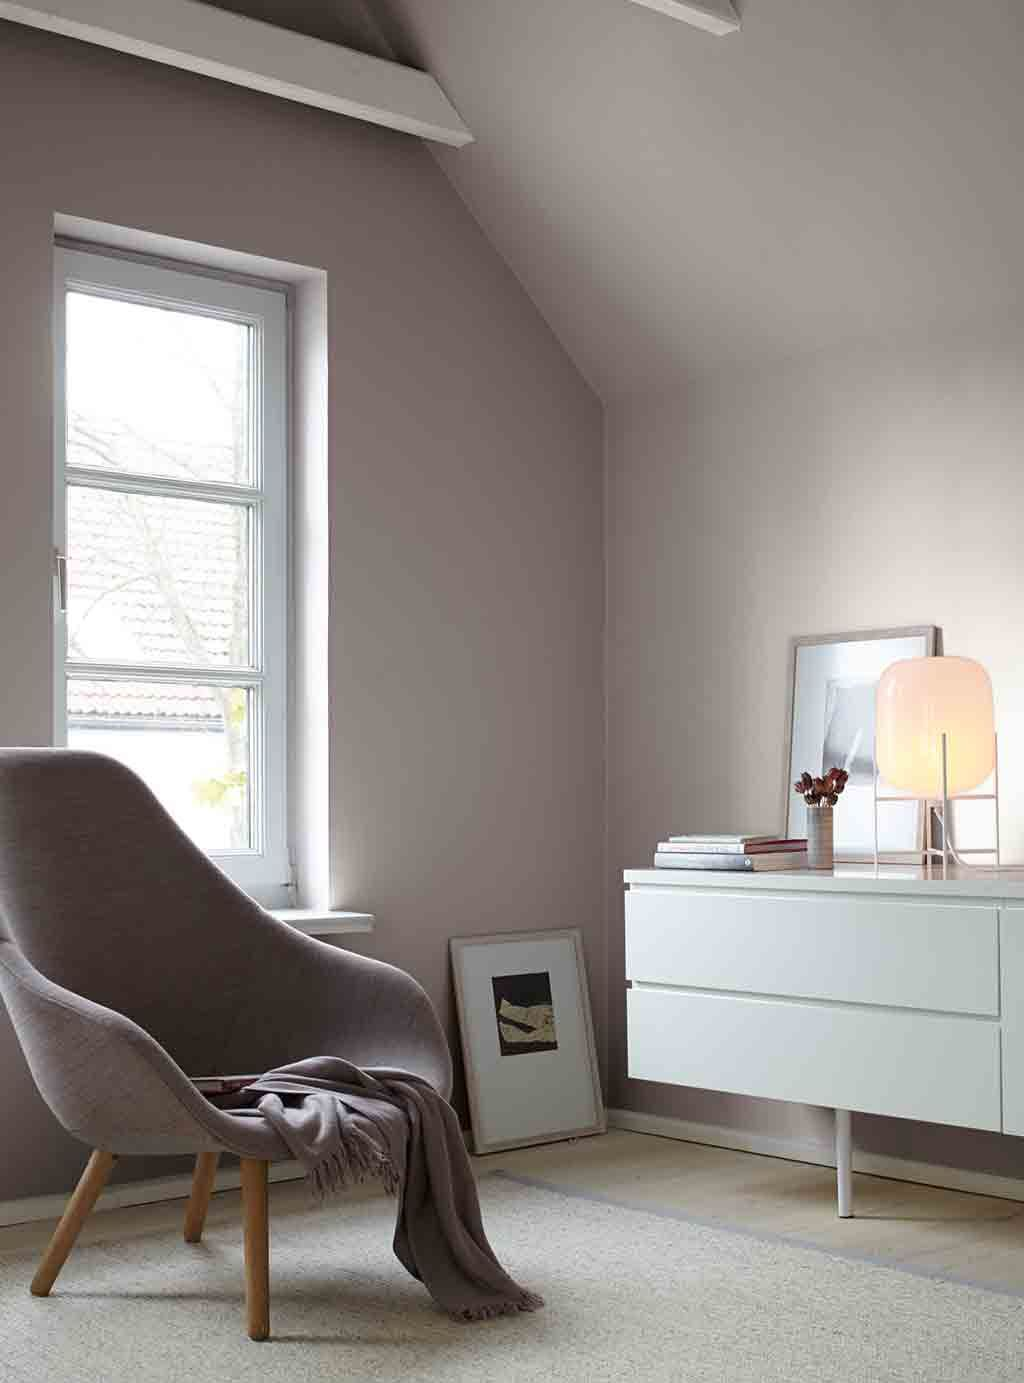 graue wand im wohnzimmer alpina feine farben no. 03 poesie der, Wohnzimmer dekoo